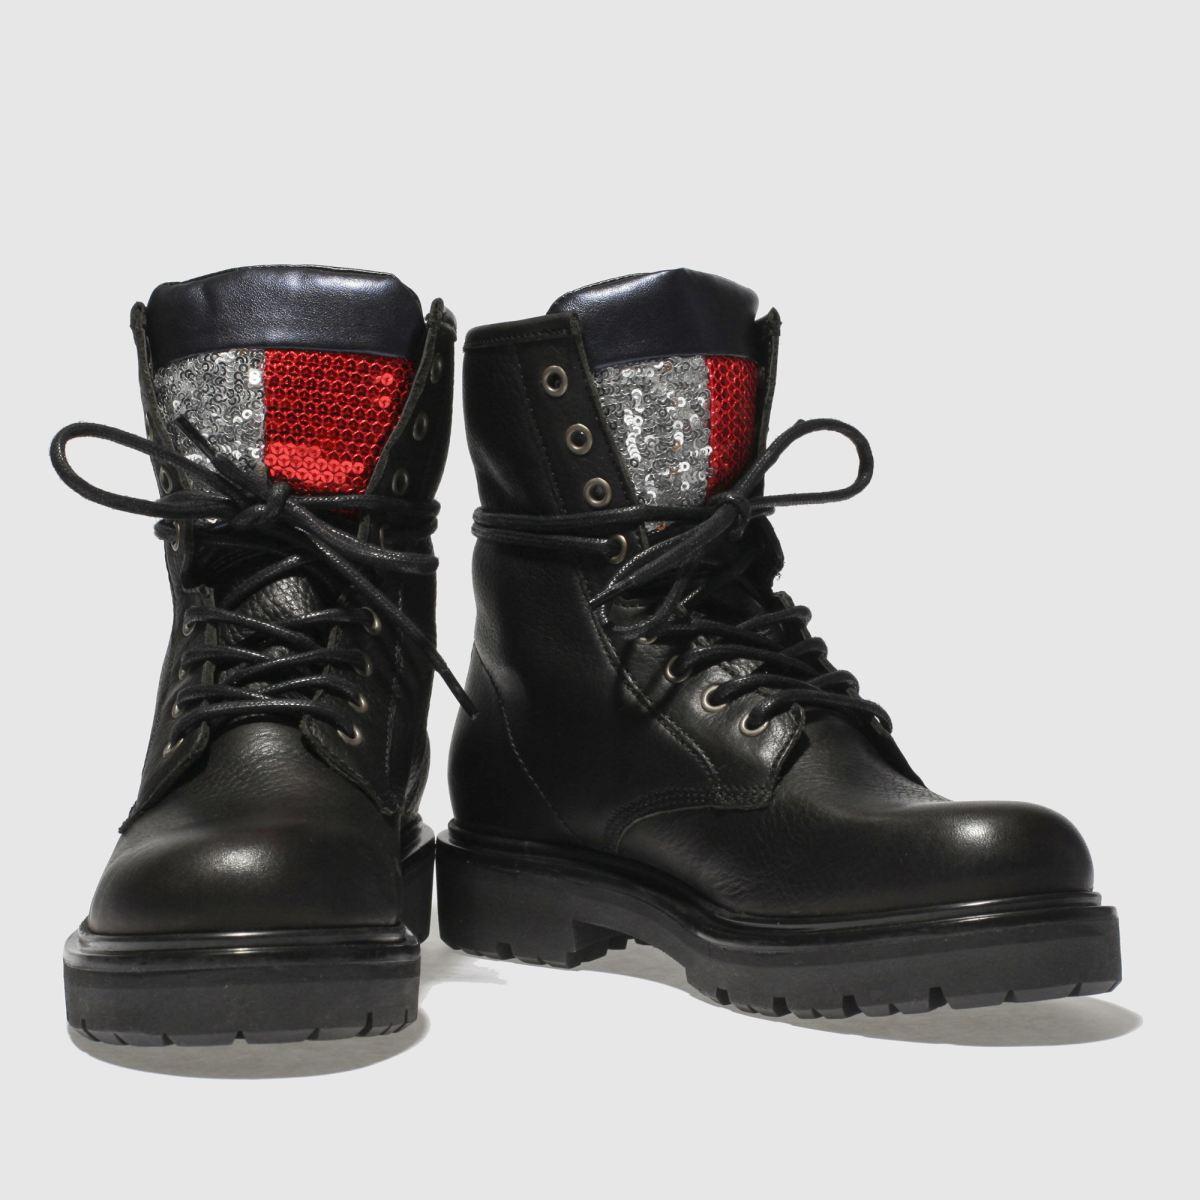 Damen Schwarz tommy hilfiger Big Flag Sparkle Boots   schuh Gute Qualität beliebte Schuhe